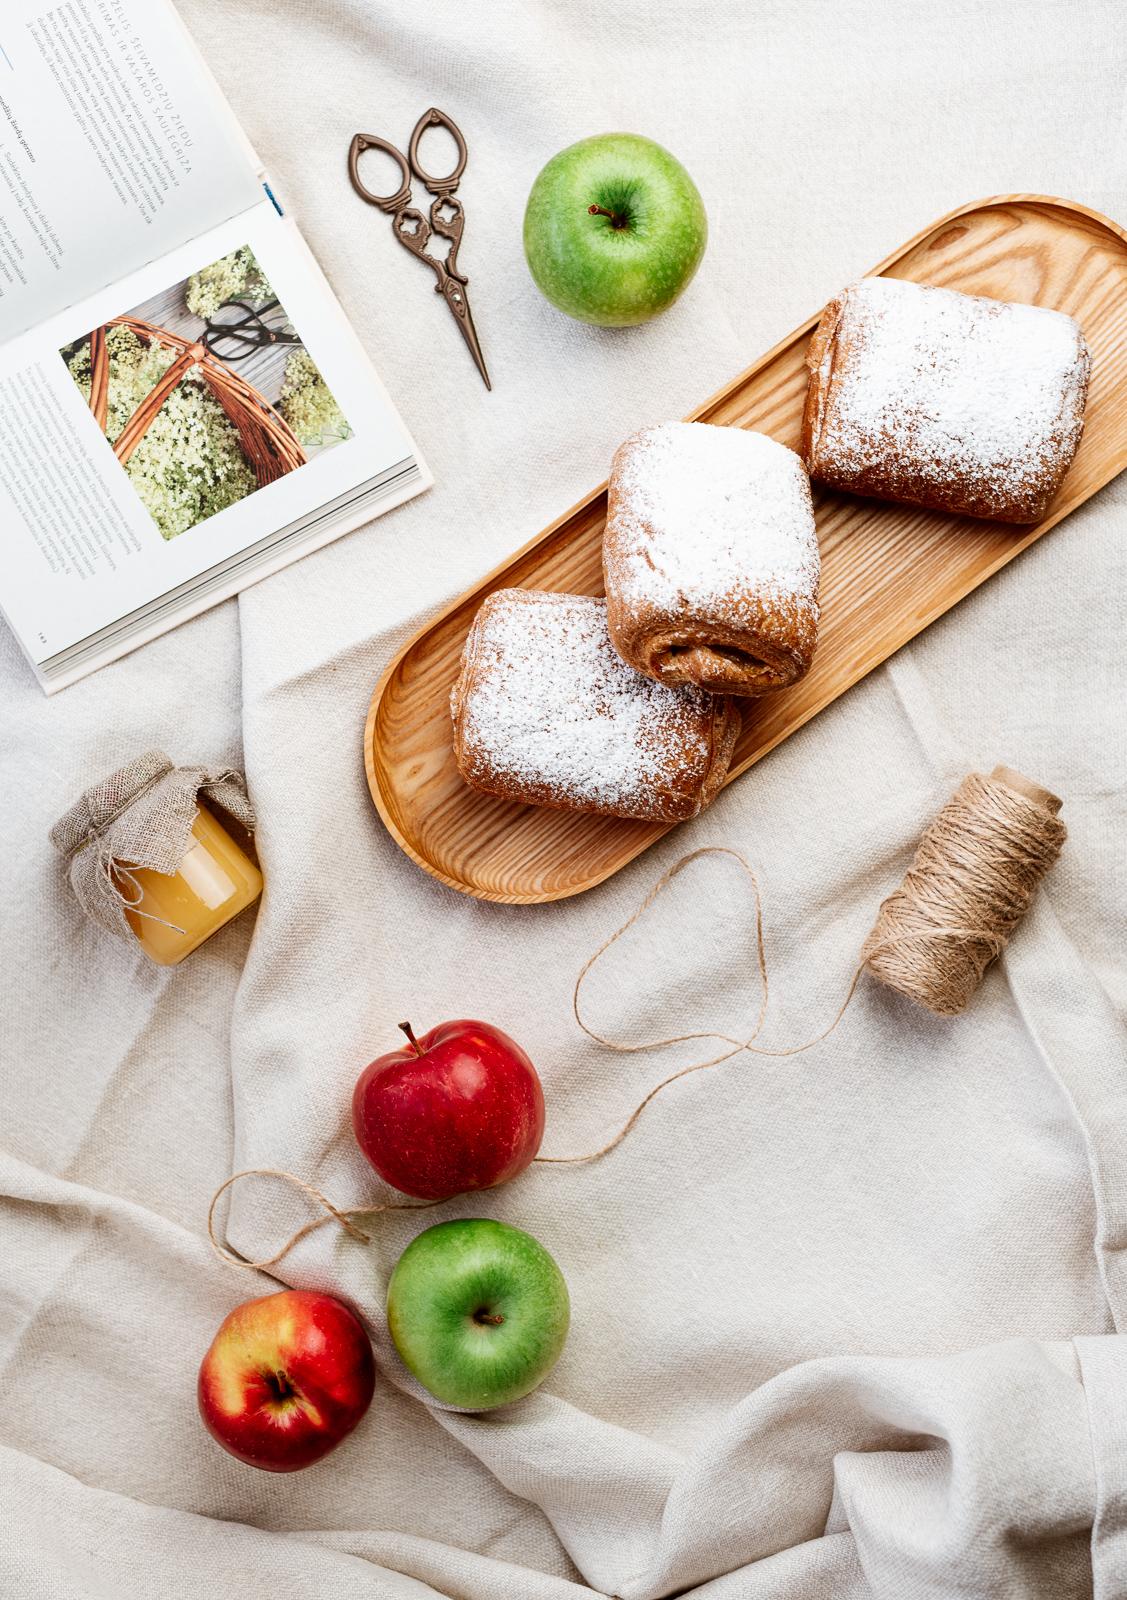 Sluoksniuota bandelė su obuoliais